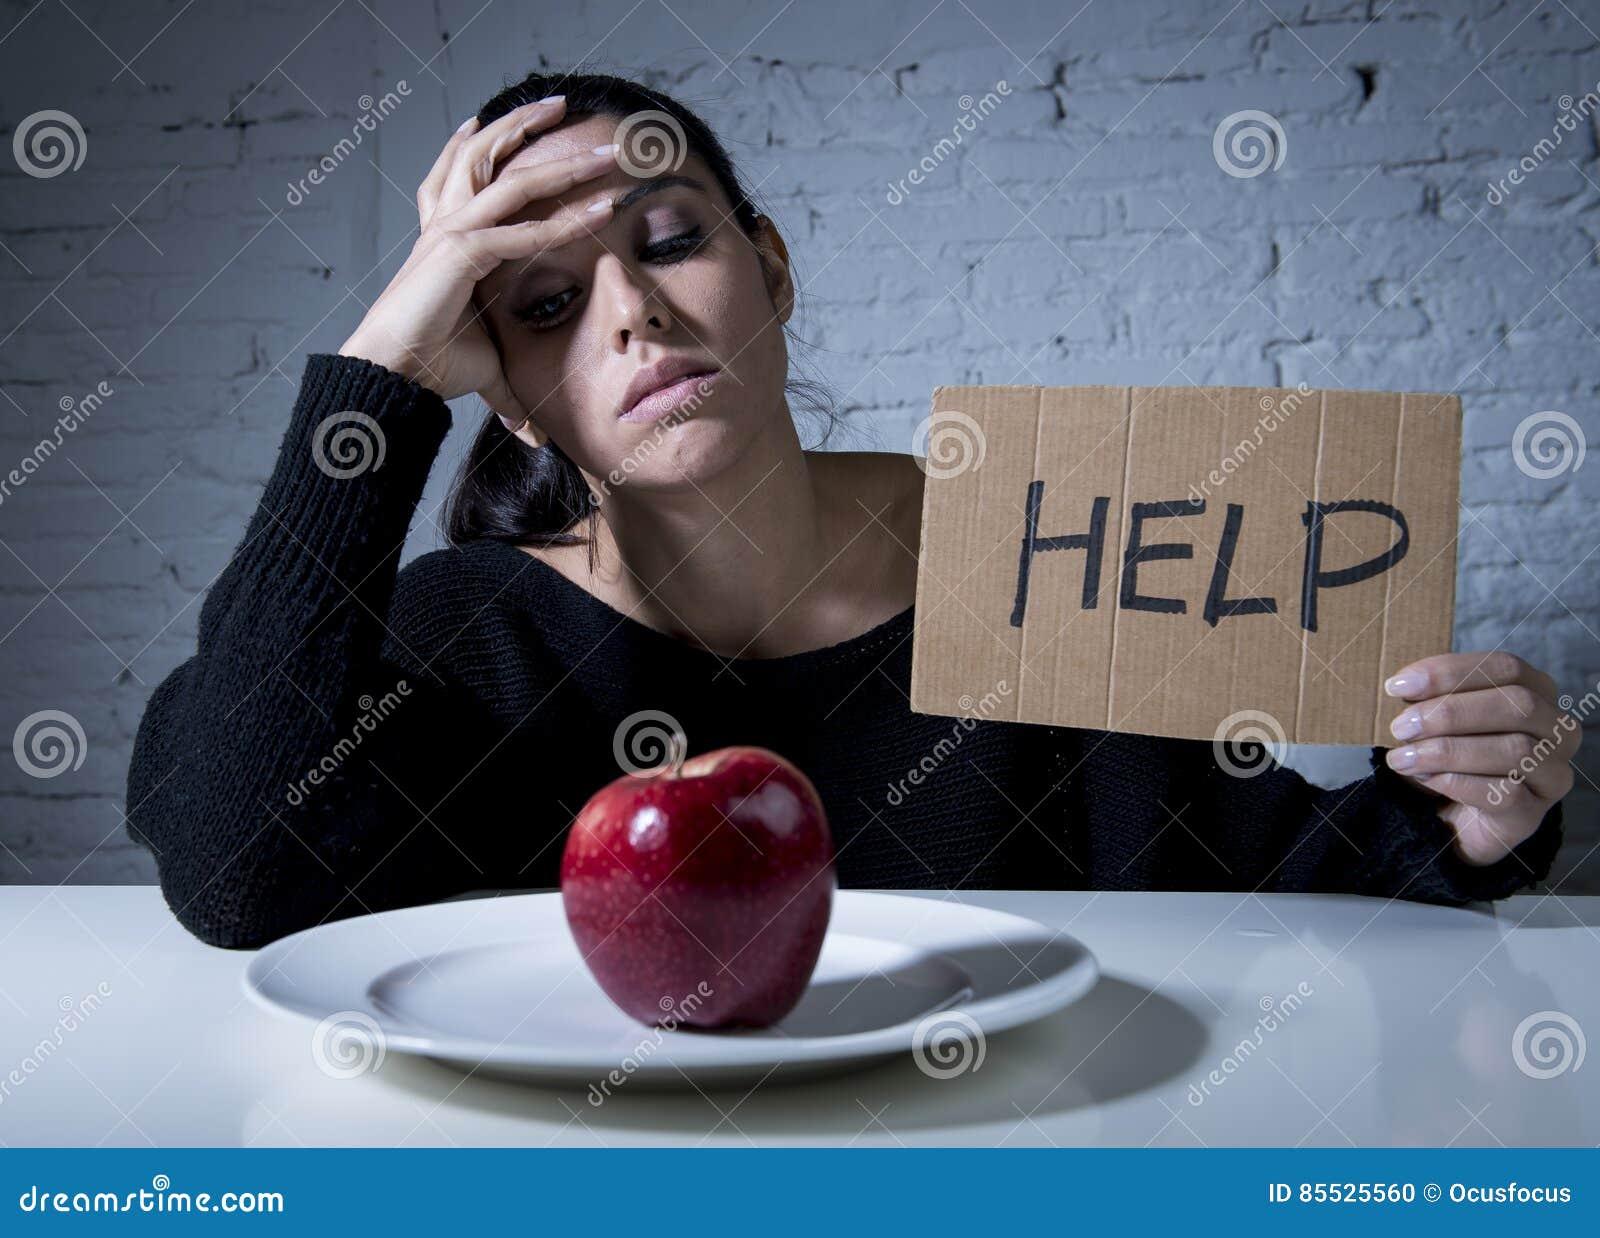 Junge Frau oder jugendlich schauende Apfelfrucht auf Teller als Symbol der verrückten Diät in der unausgewogenen Ernährung